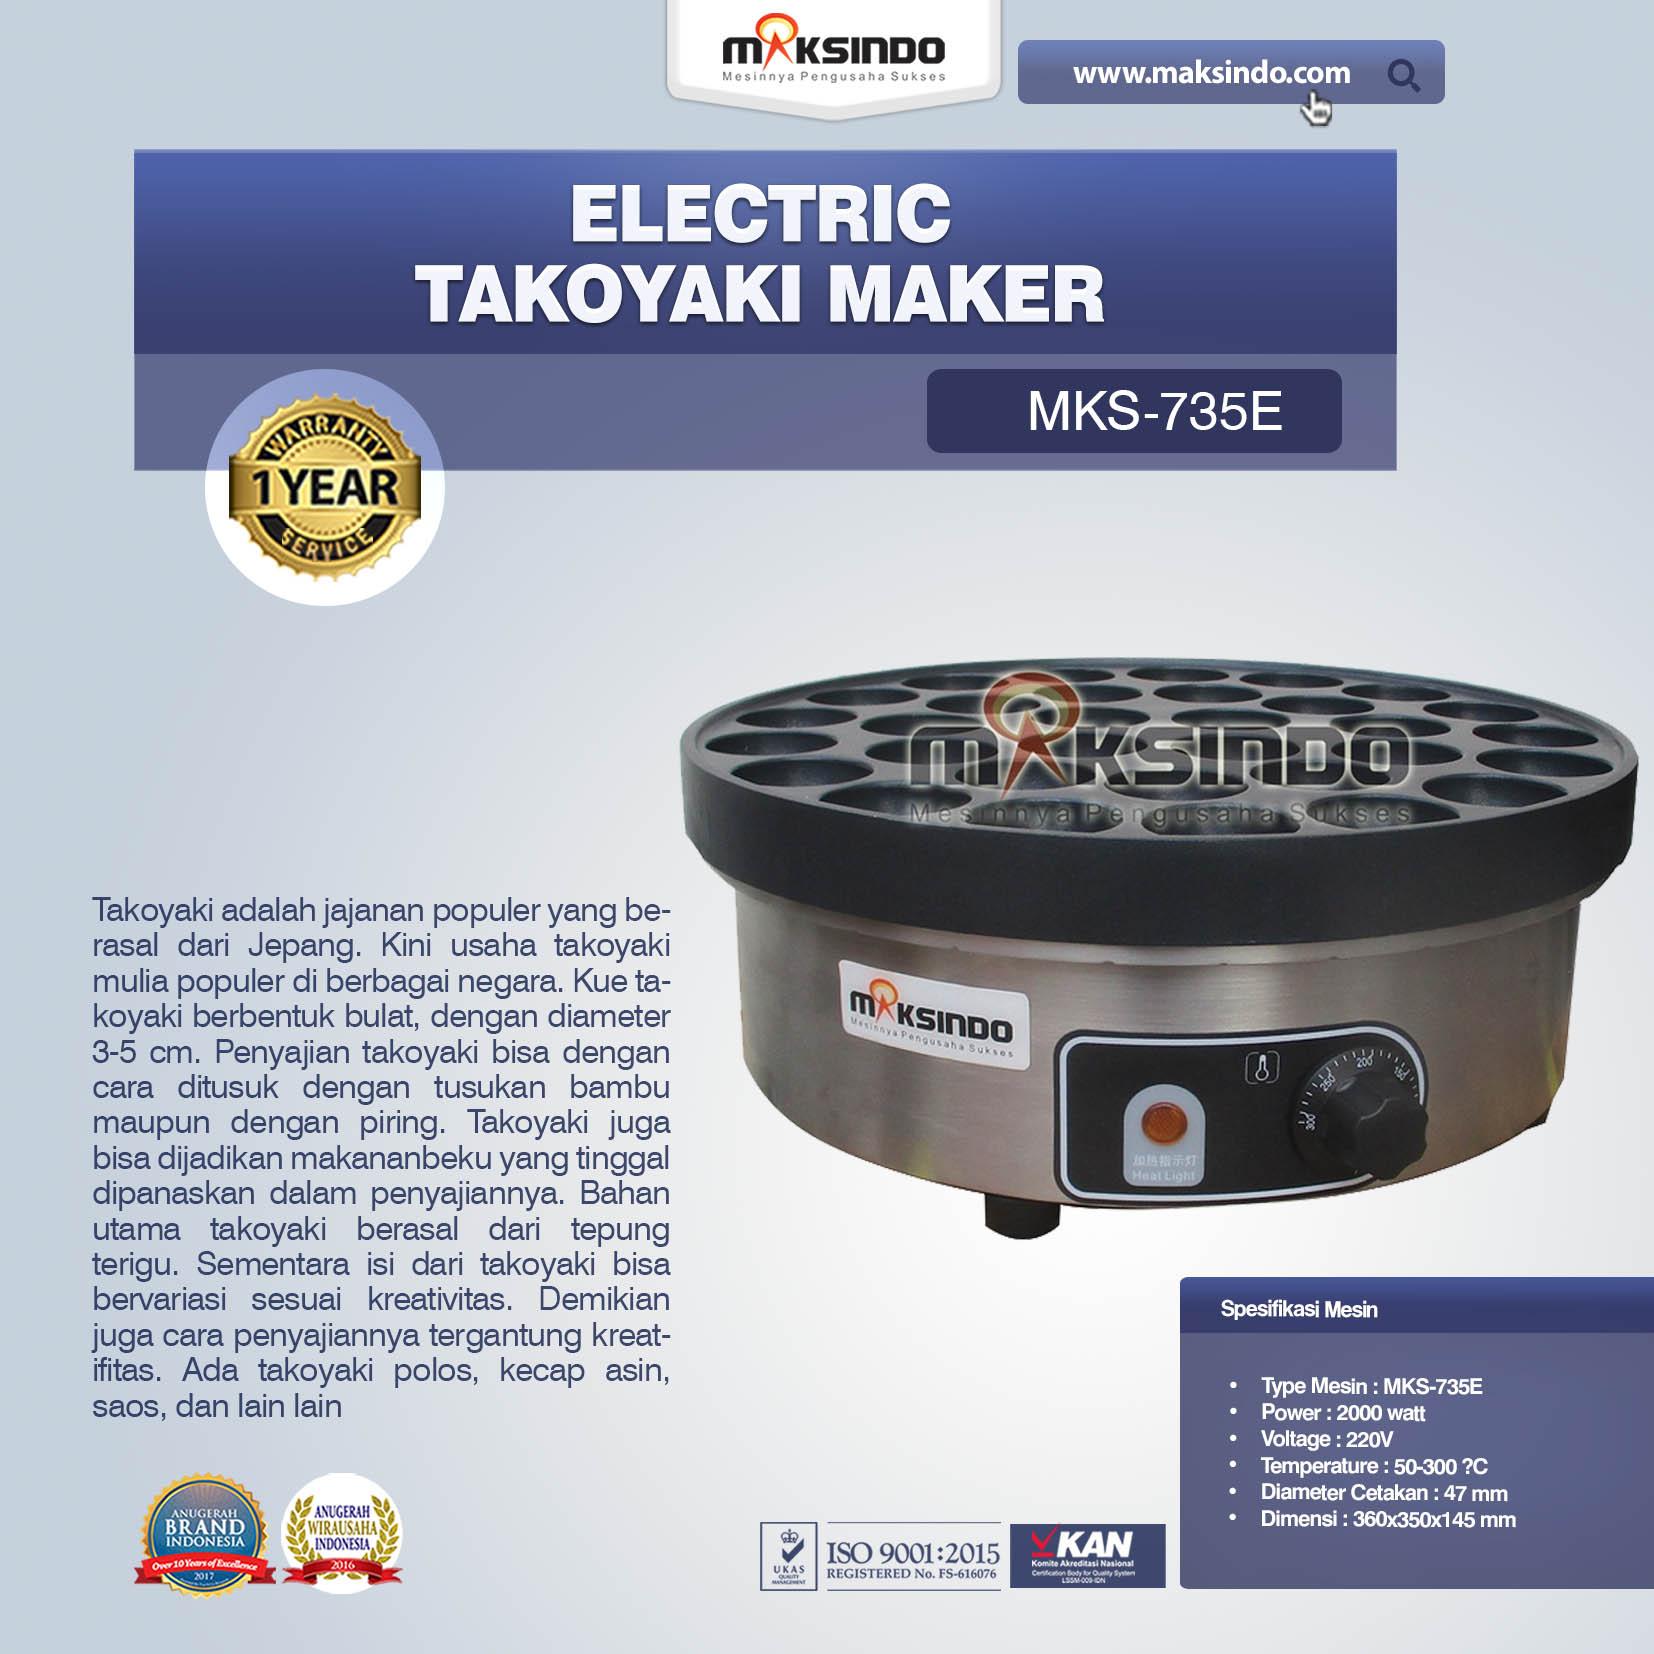 Jual Electric Takoyaki Maker MKS-735E di Medan